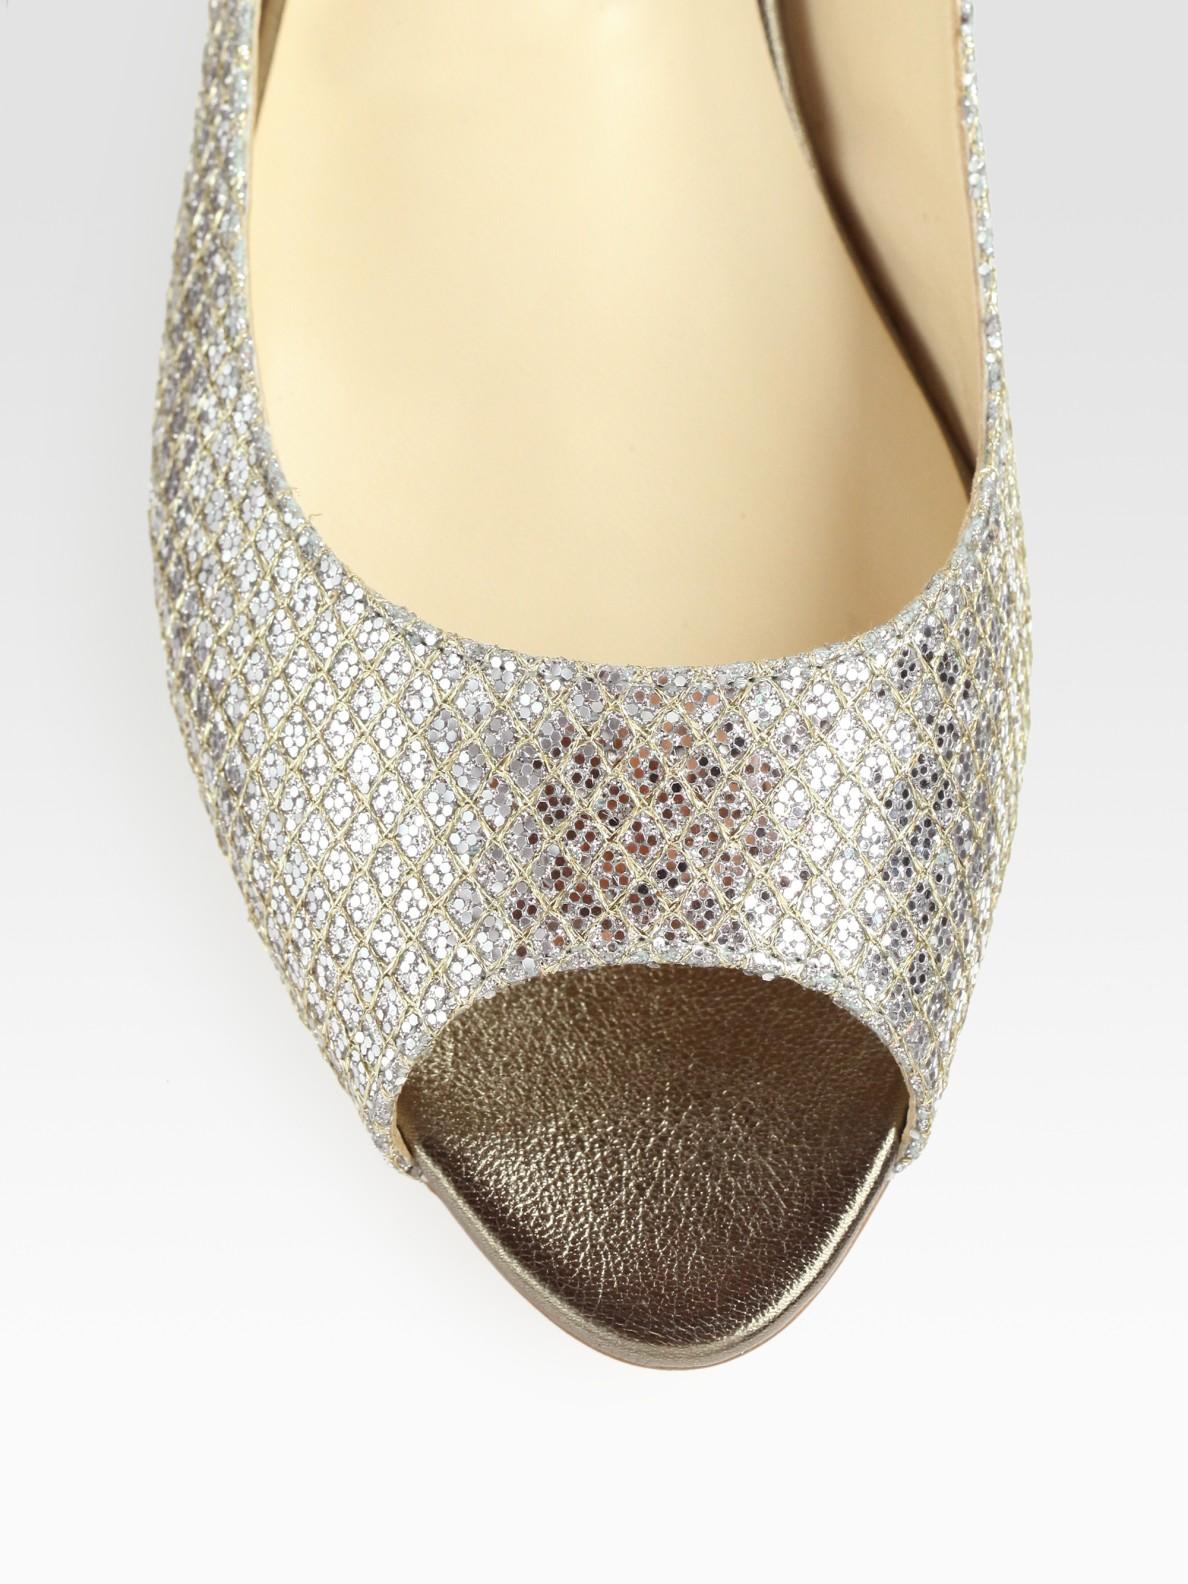 dc5c7ebfcff Lyst - Jimmy Choo Beck Glitter-coated Metallic Leather Peep Toe ...